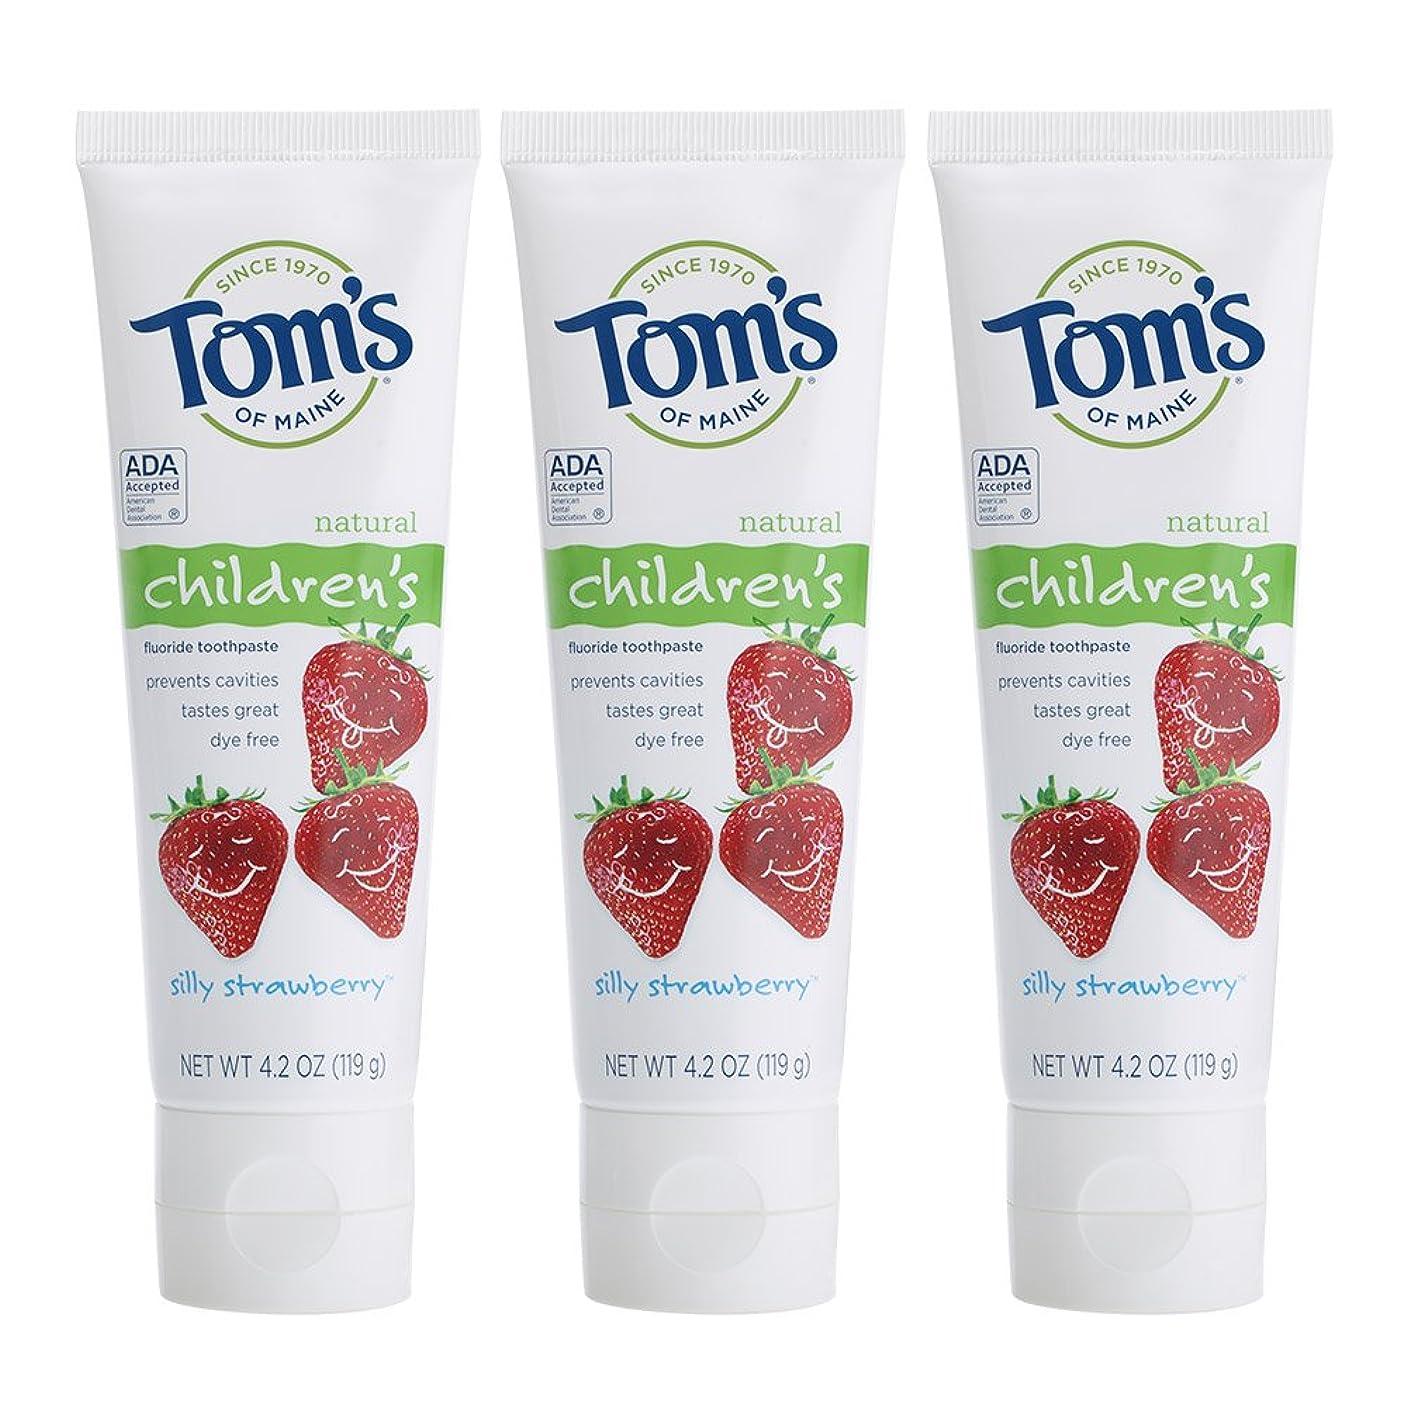 スラダム体操選手漫画Tom's of Maine, Natural Children's Fluoride Toothpaste, Silly Strawberry, 4.2 oz (119 g)